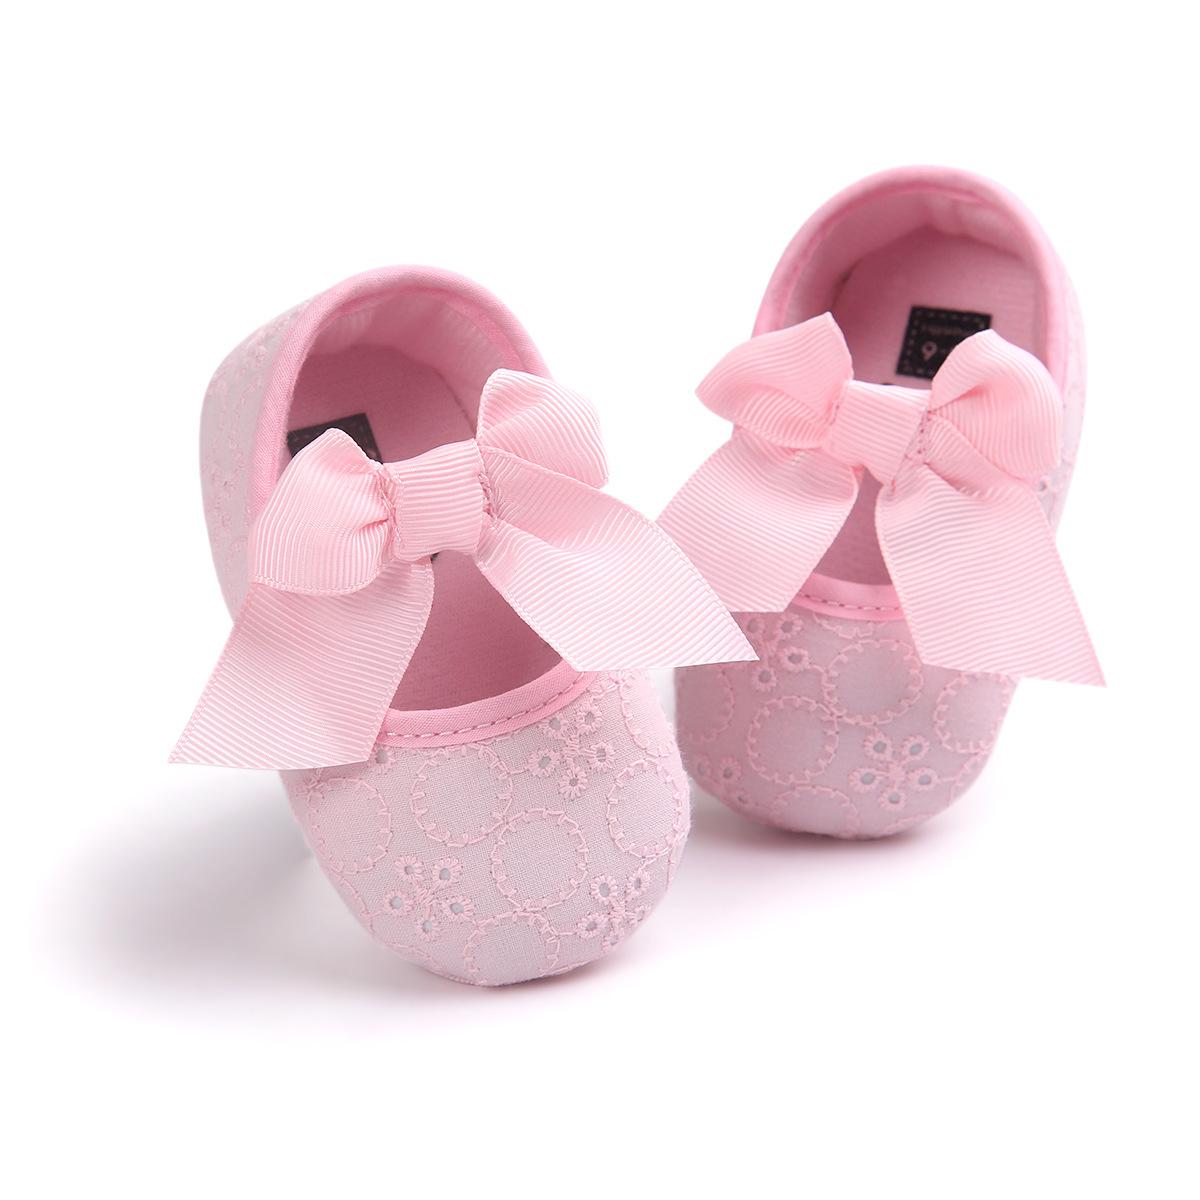 รองเท้าเด็กอ่อนโบว์ใหญ่ พื้นกันลื่น วัย 0-18 เดือน สีชมพู